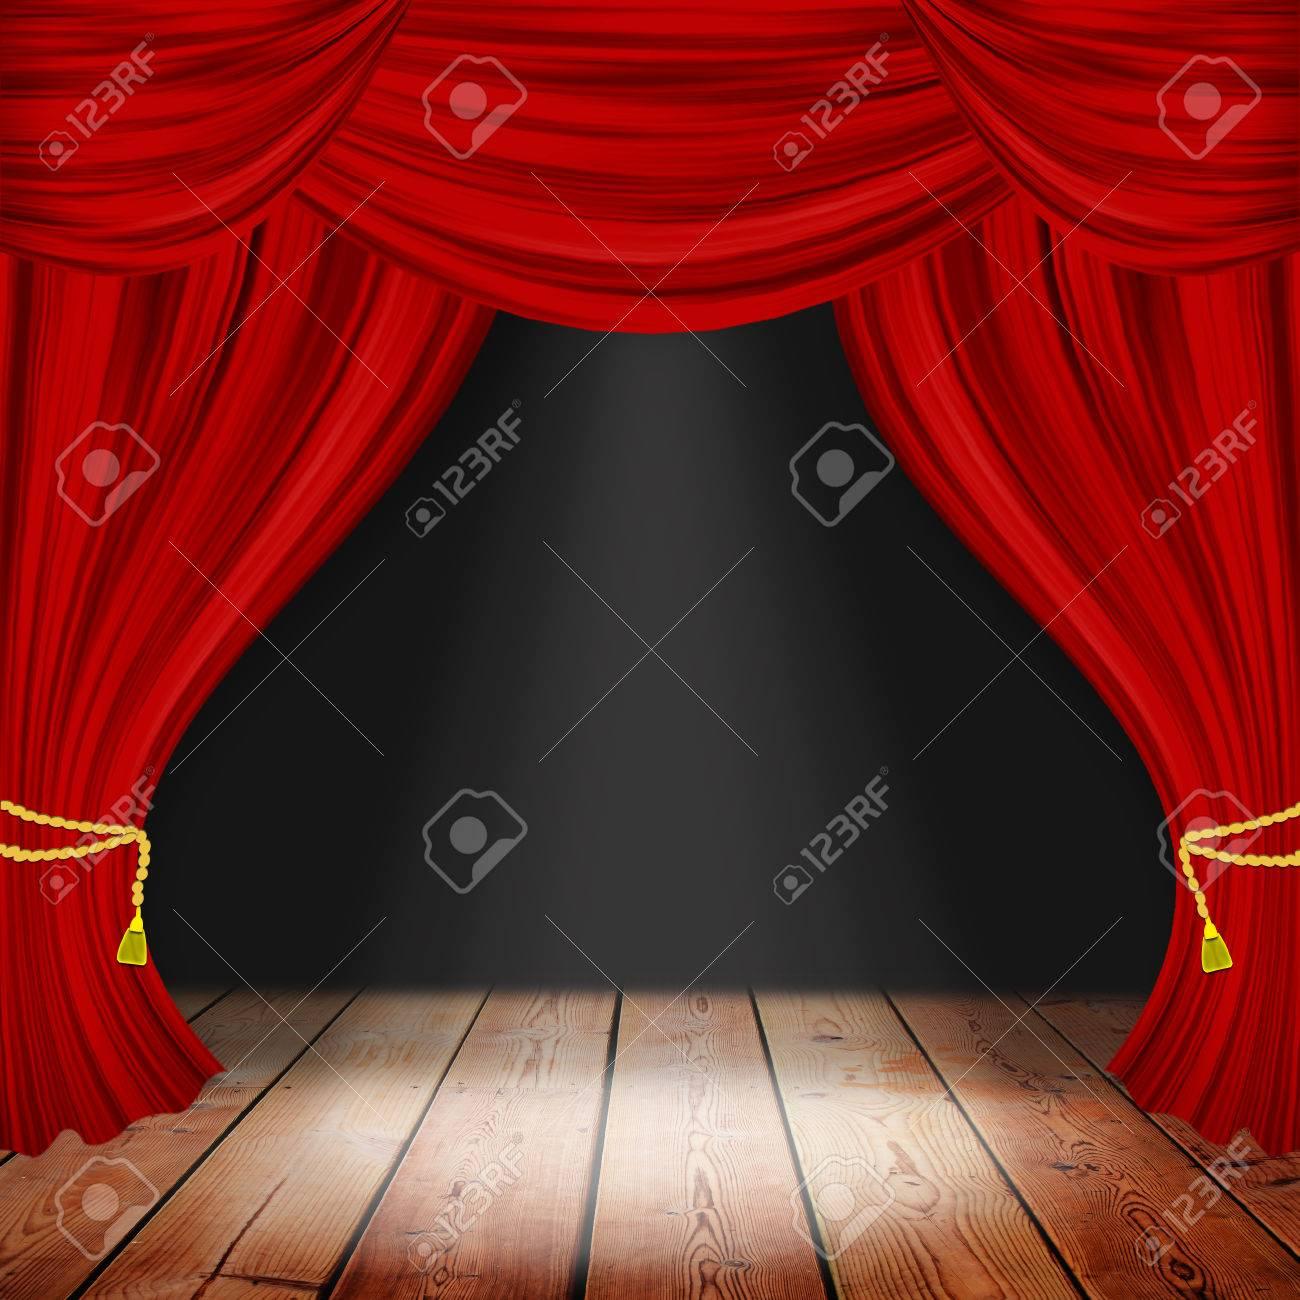 teatro escenario con cortinas rojas y focos escena teatral a la luz de los reflectores